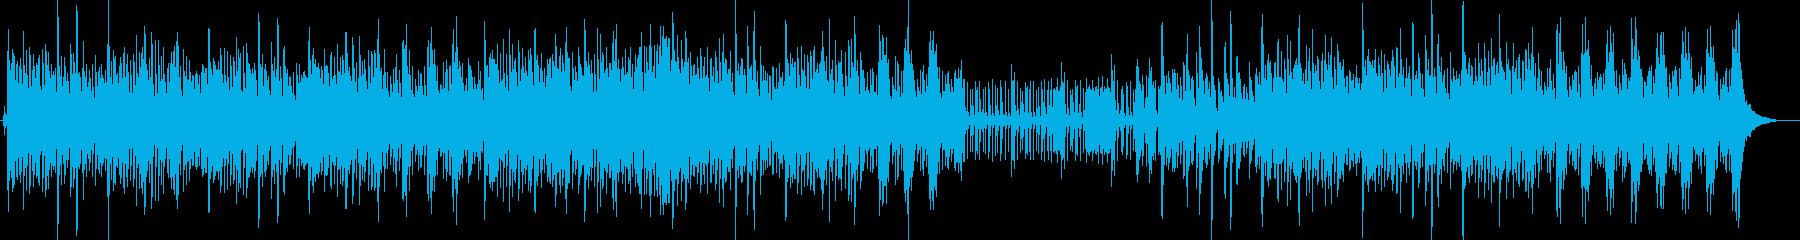 コンガ入り爽やかなピアノJAZZマンボの再生済みの波形